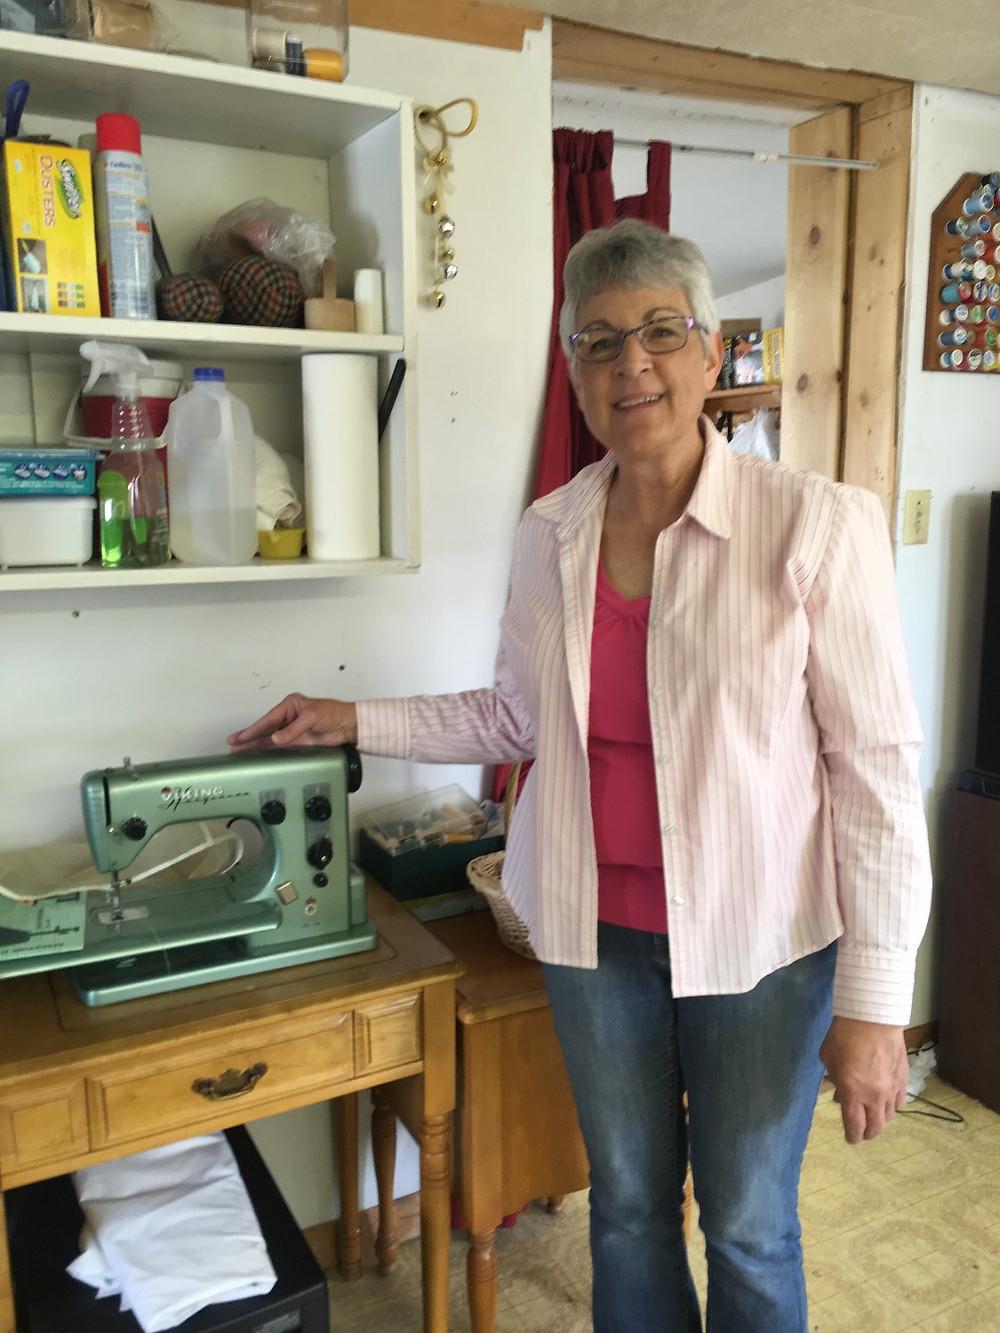 Jamie Crocket with her vintage sewing maching